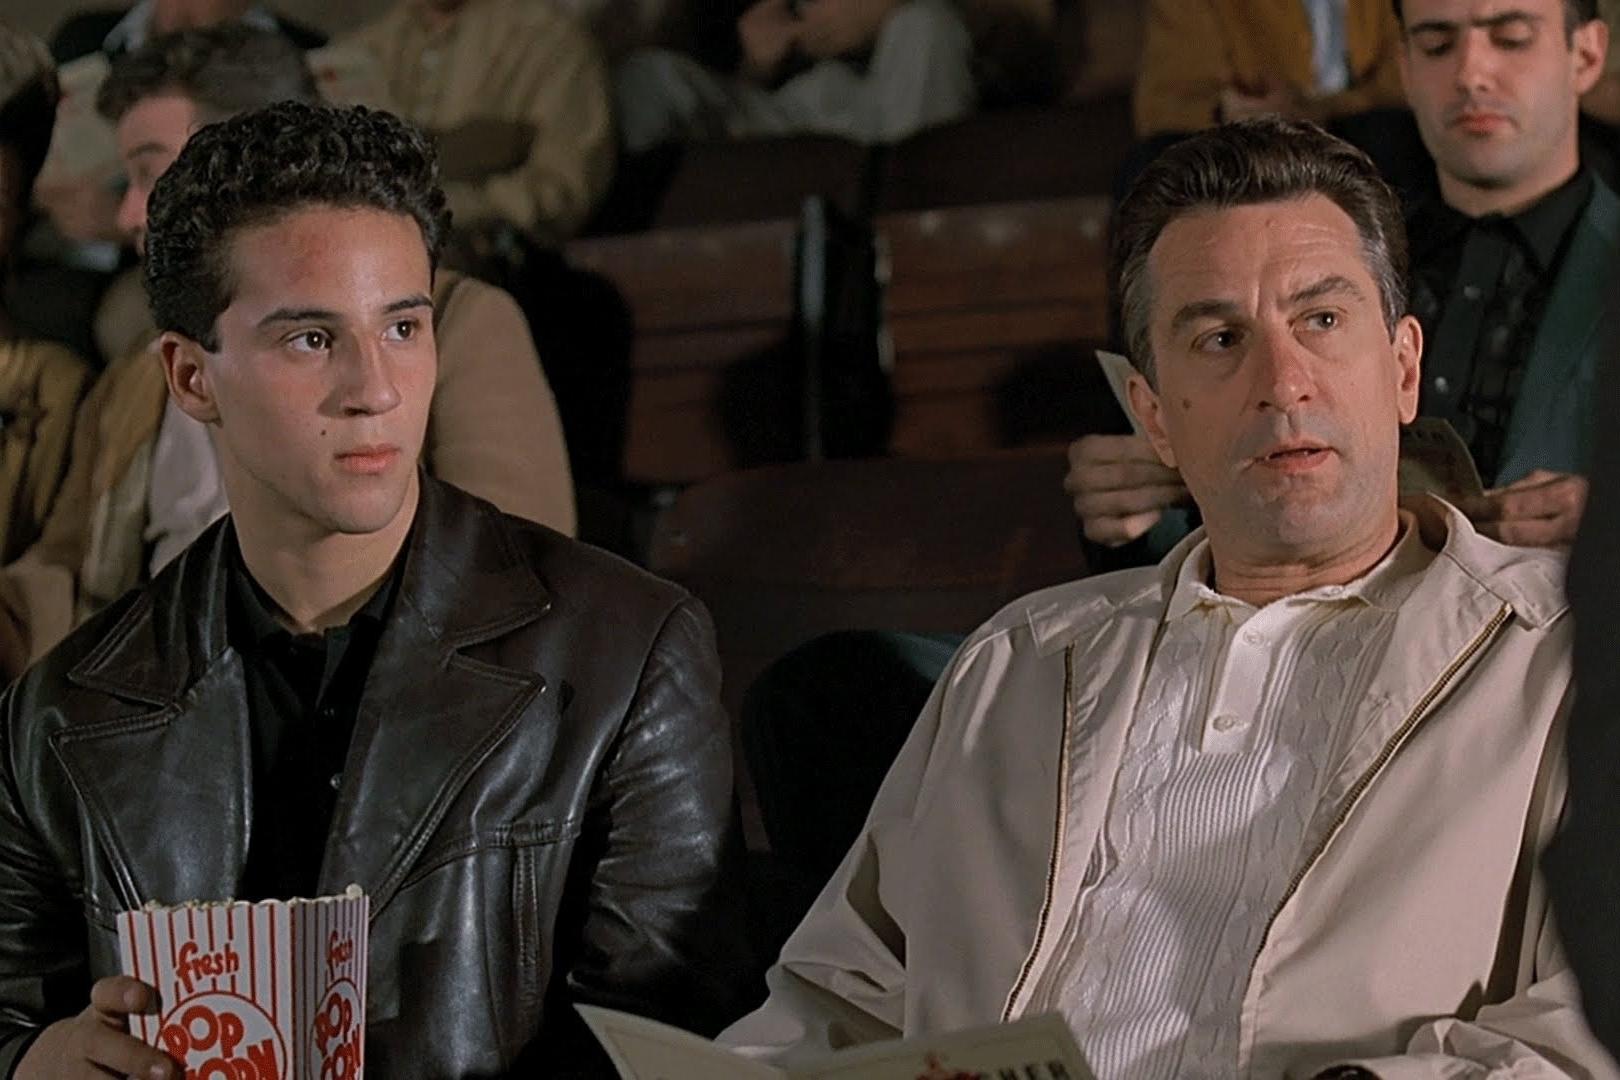 A Bronx Tale (1993) - Directed by: Robert De NiroWritten by: Chazz Palminteri